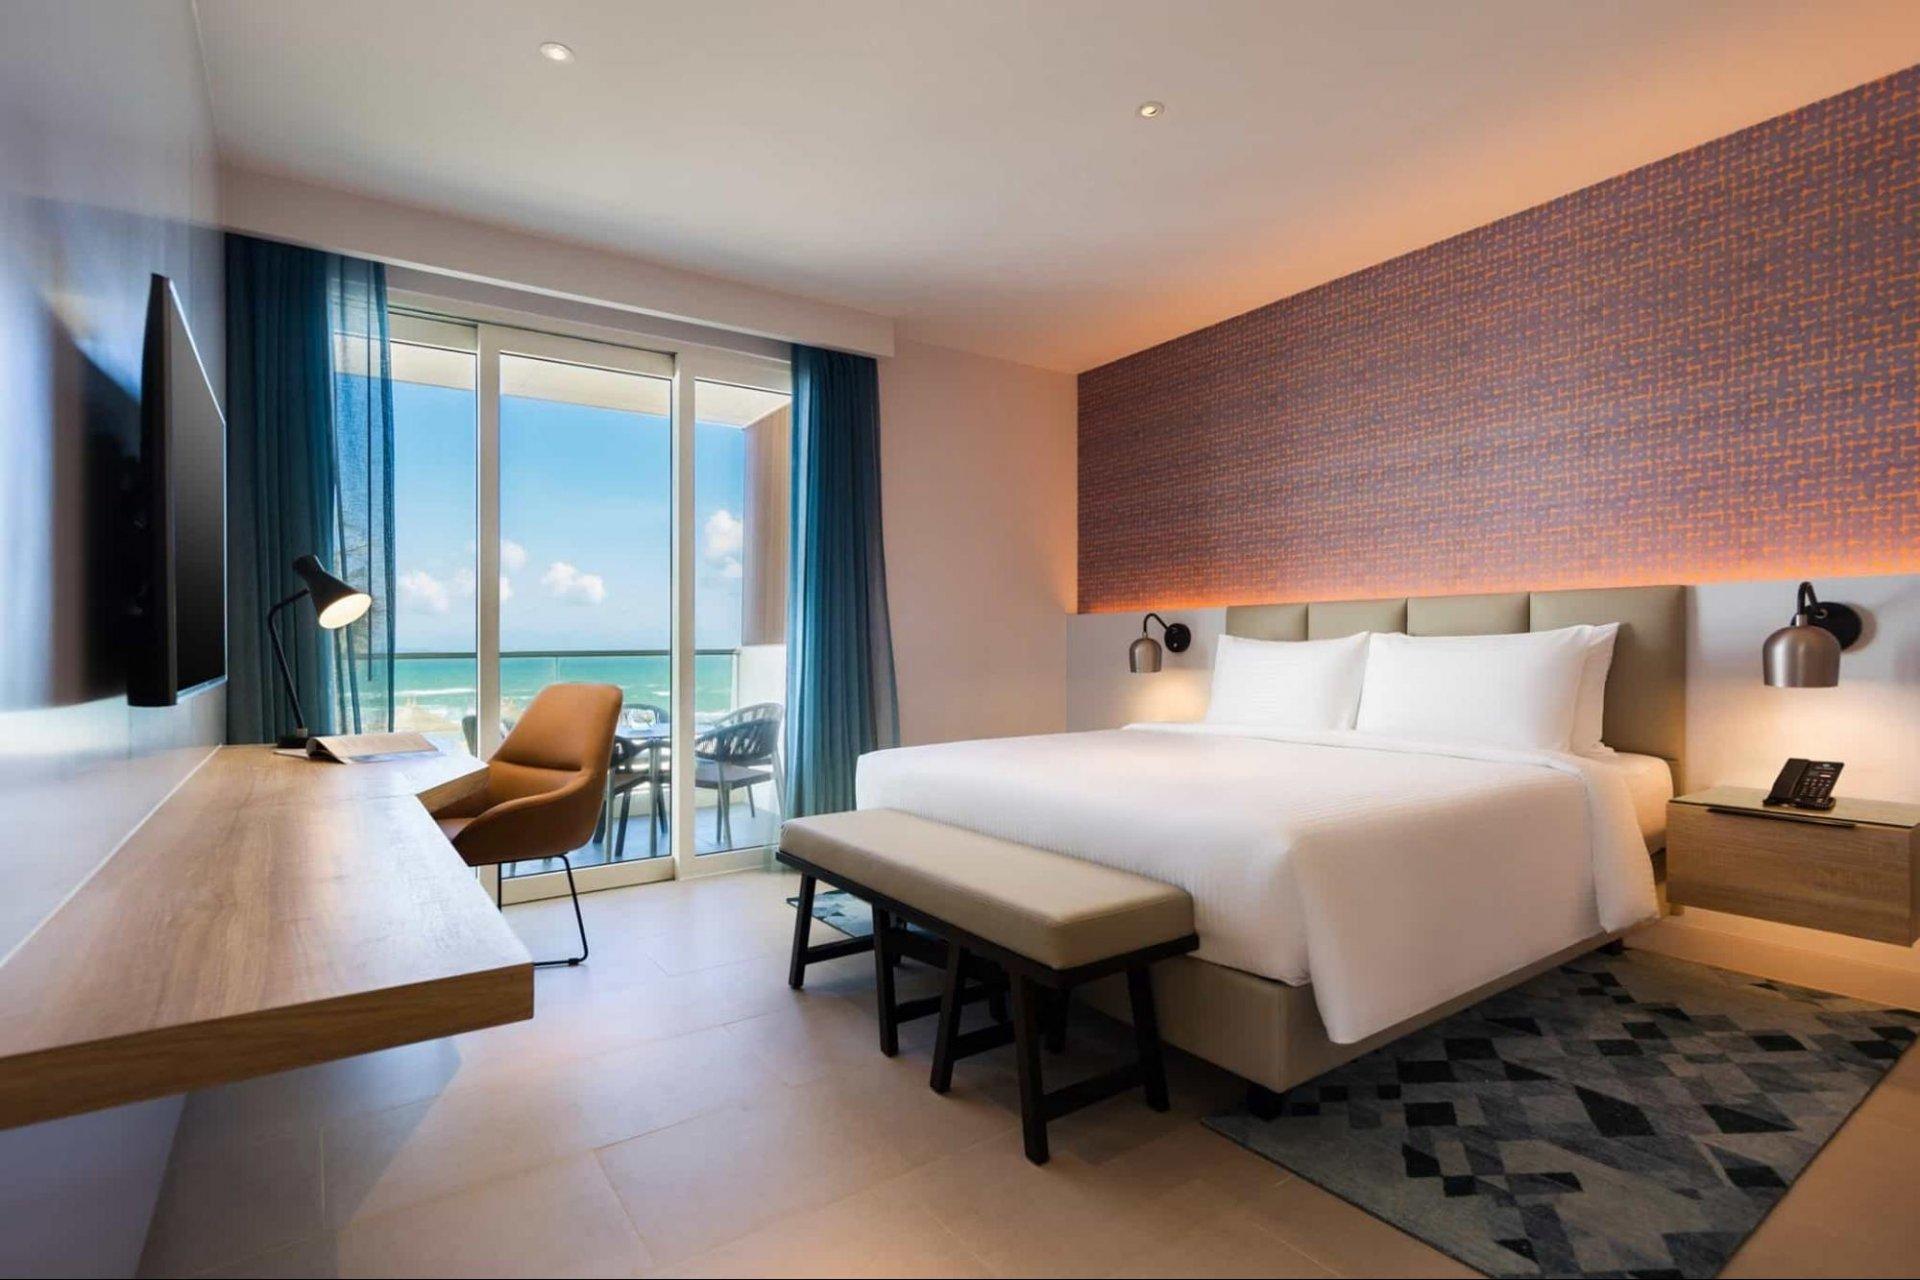 Cua-phong-bang-kinh-mang-lai-cam-giac-sang-sua-va-am-ap-cho-ca-can-phong-Alma-Resort